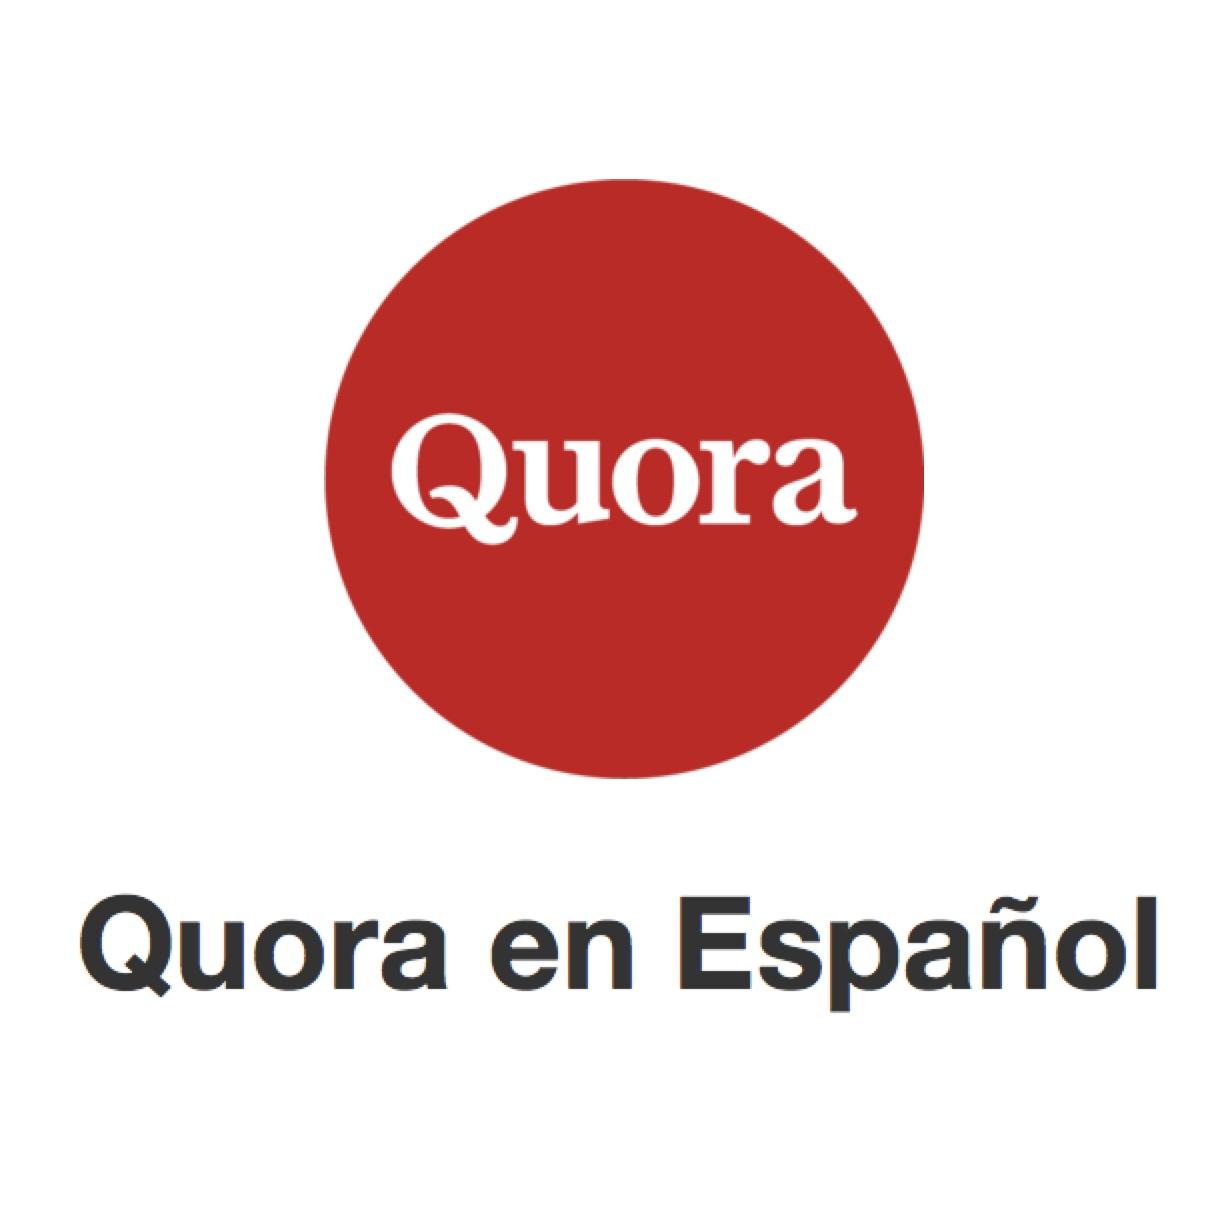 Quora en español